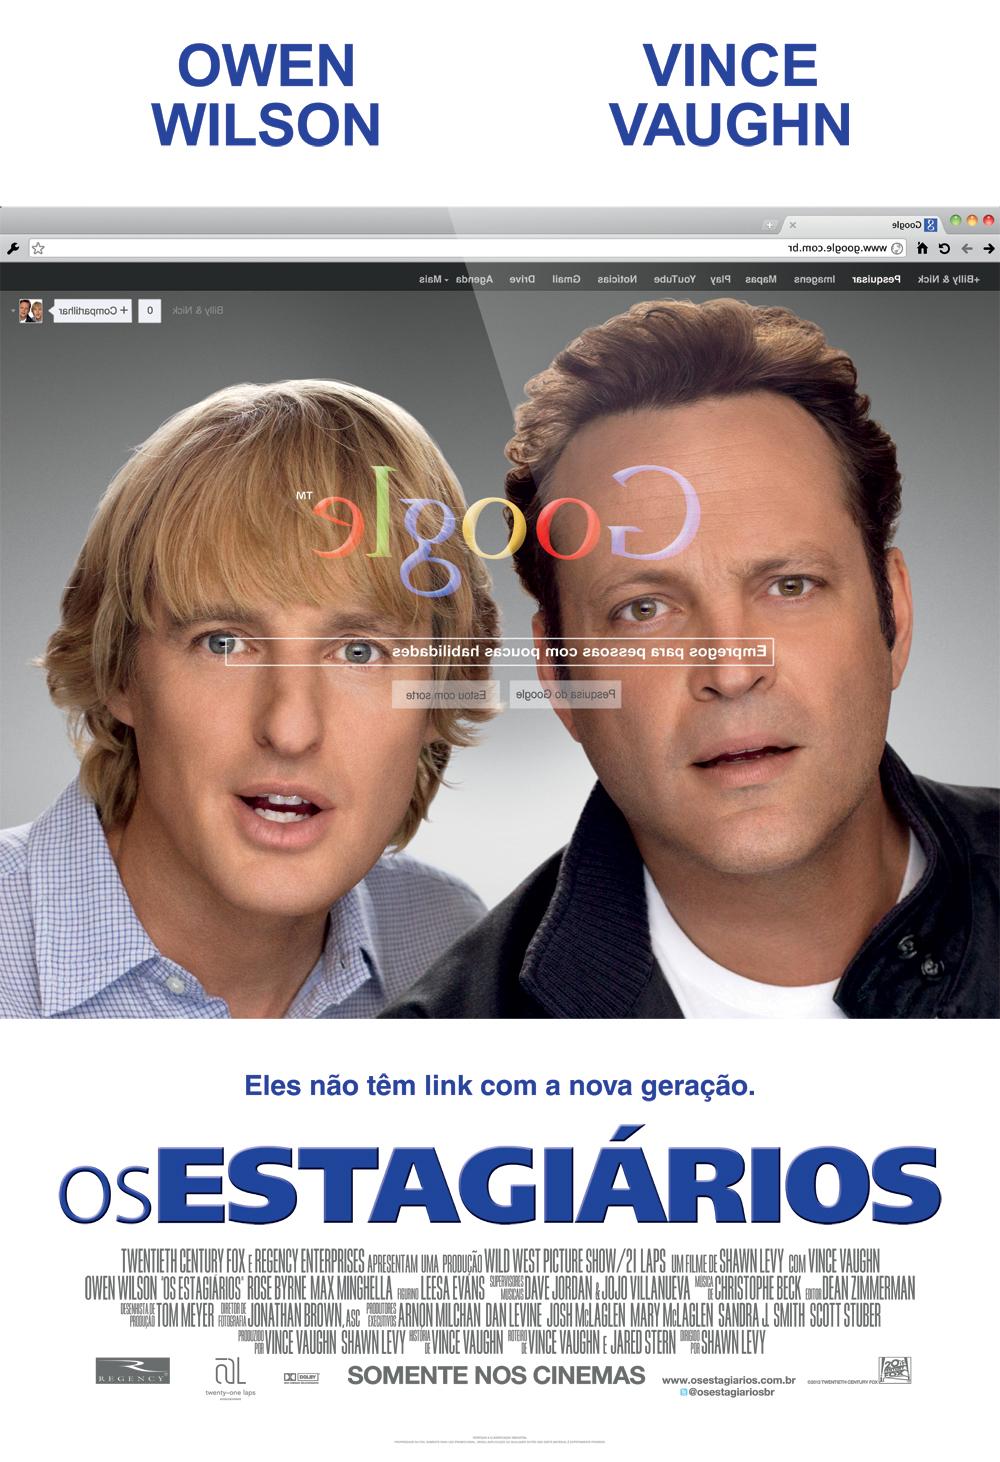 Capa do Filme Os Estagiários